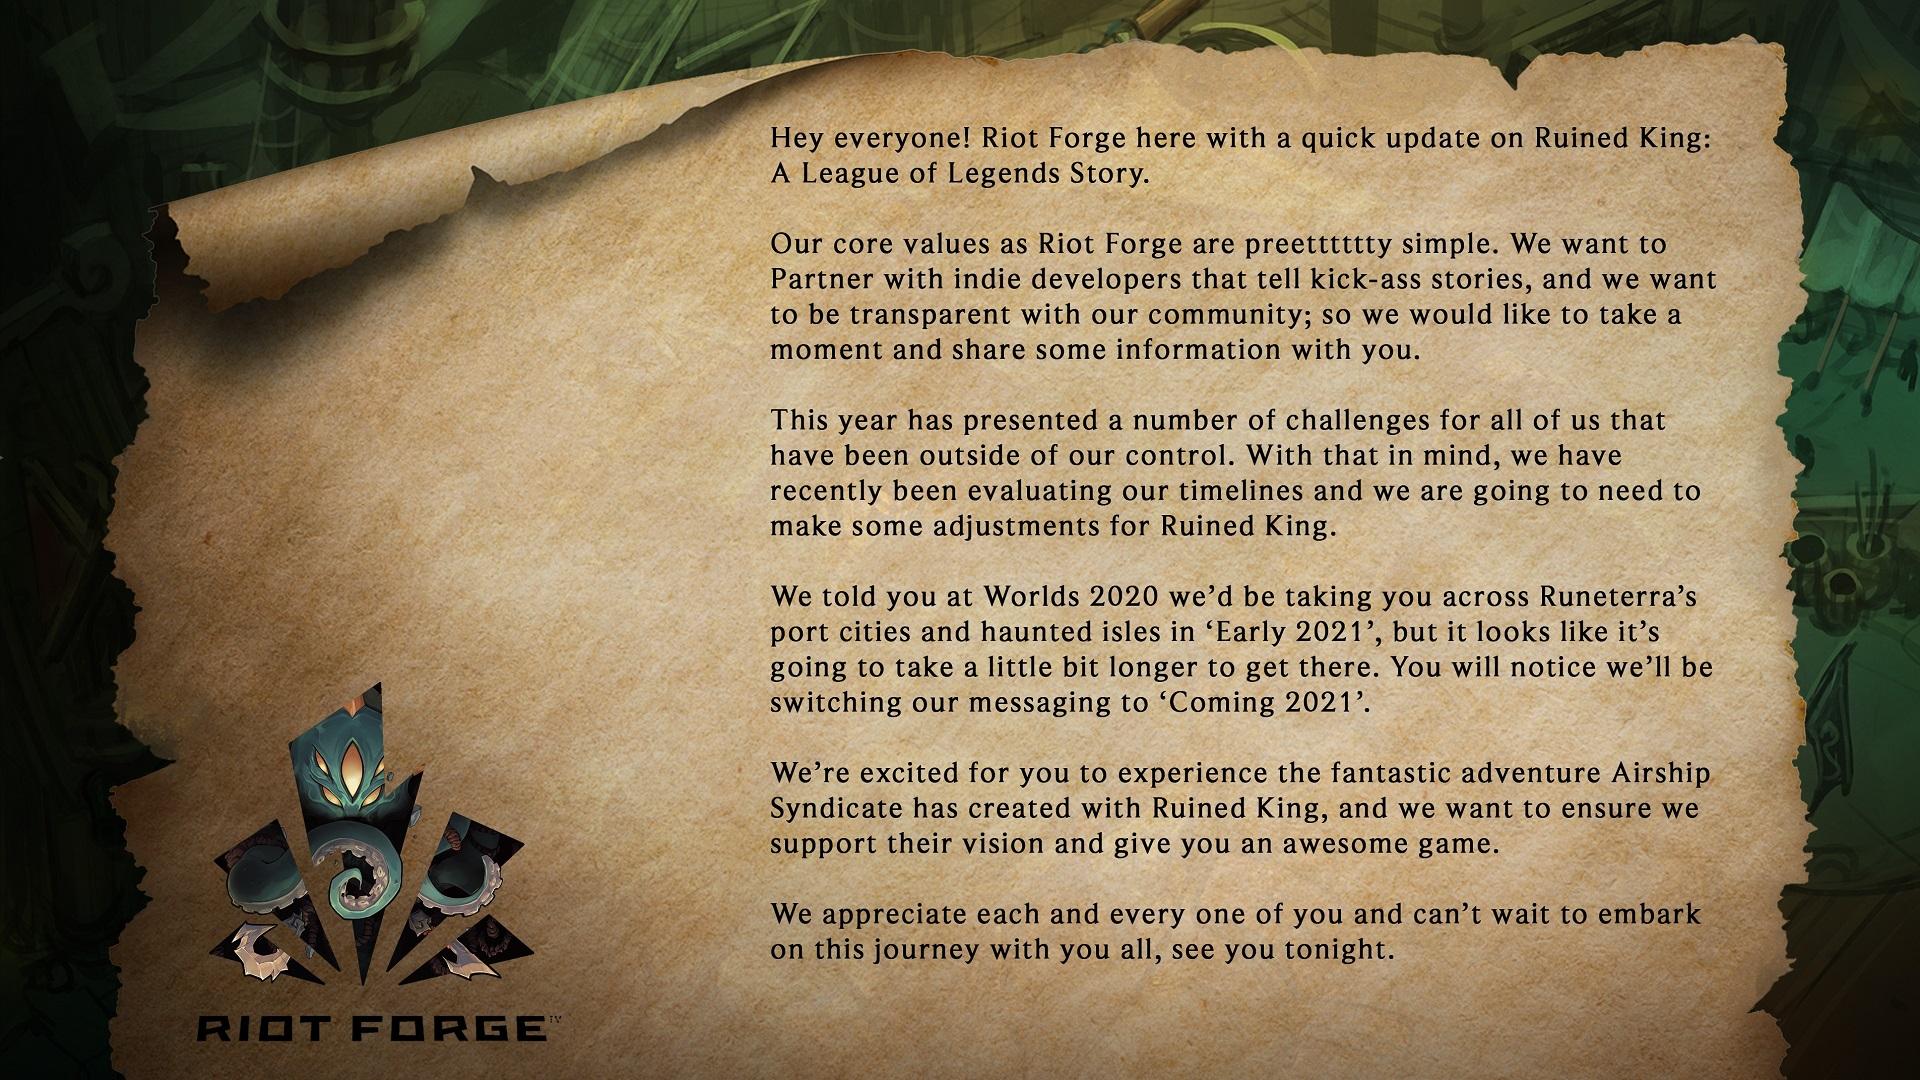 LOL外传《破败王者:英雄联盟传奇》延期发售